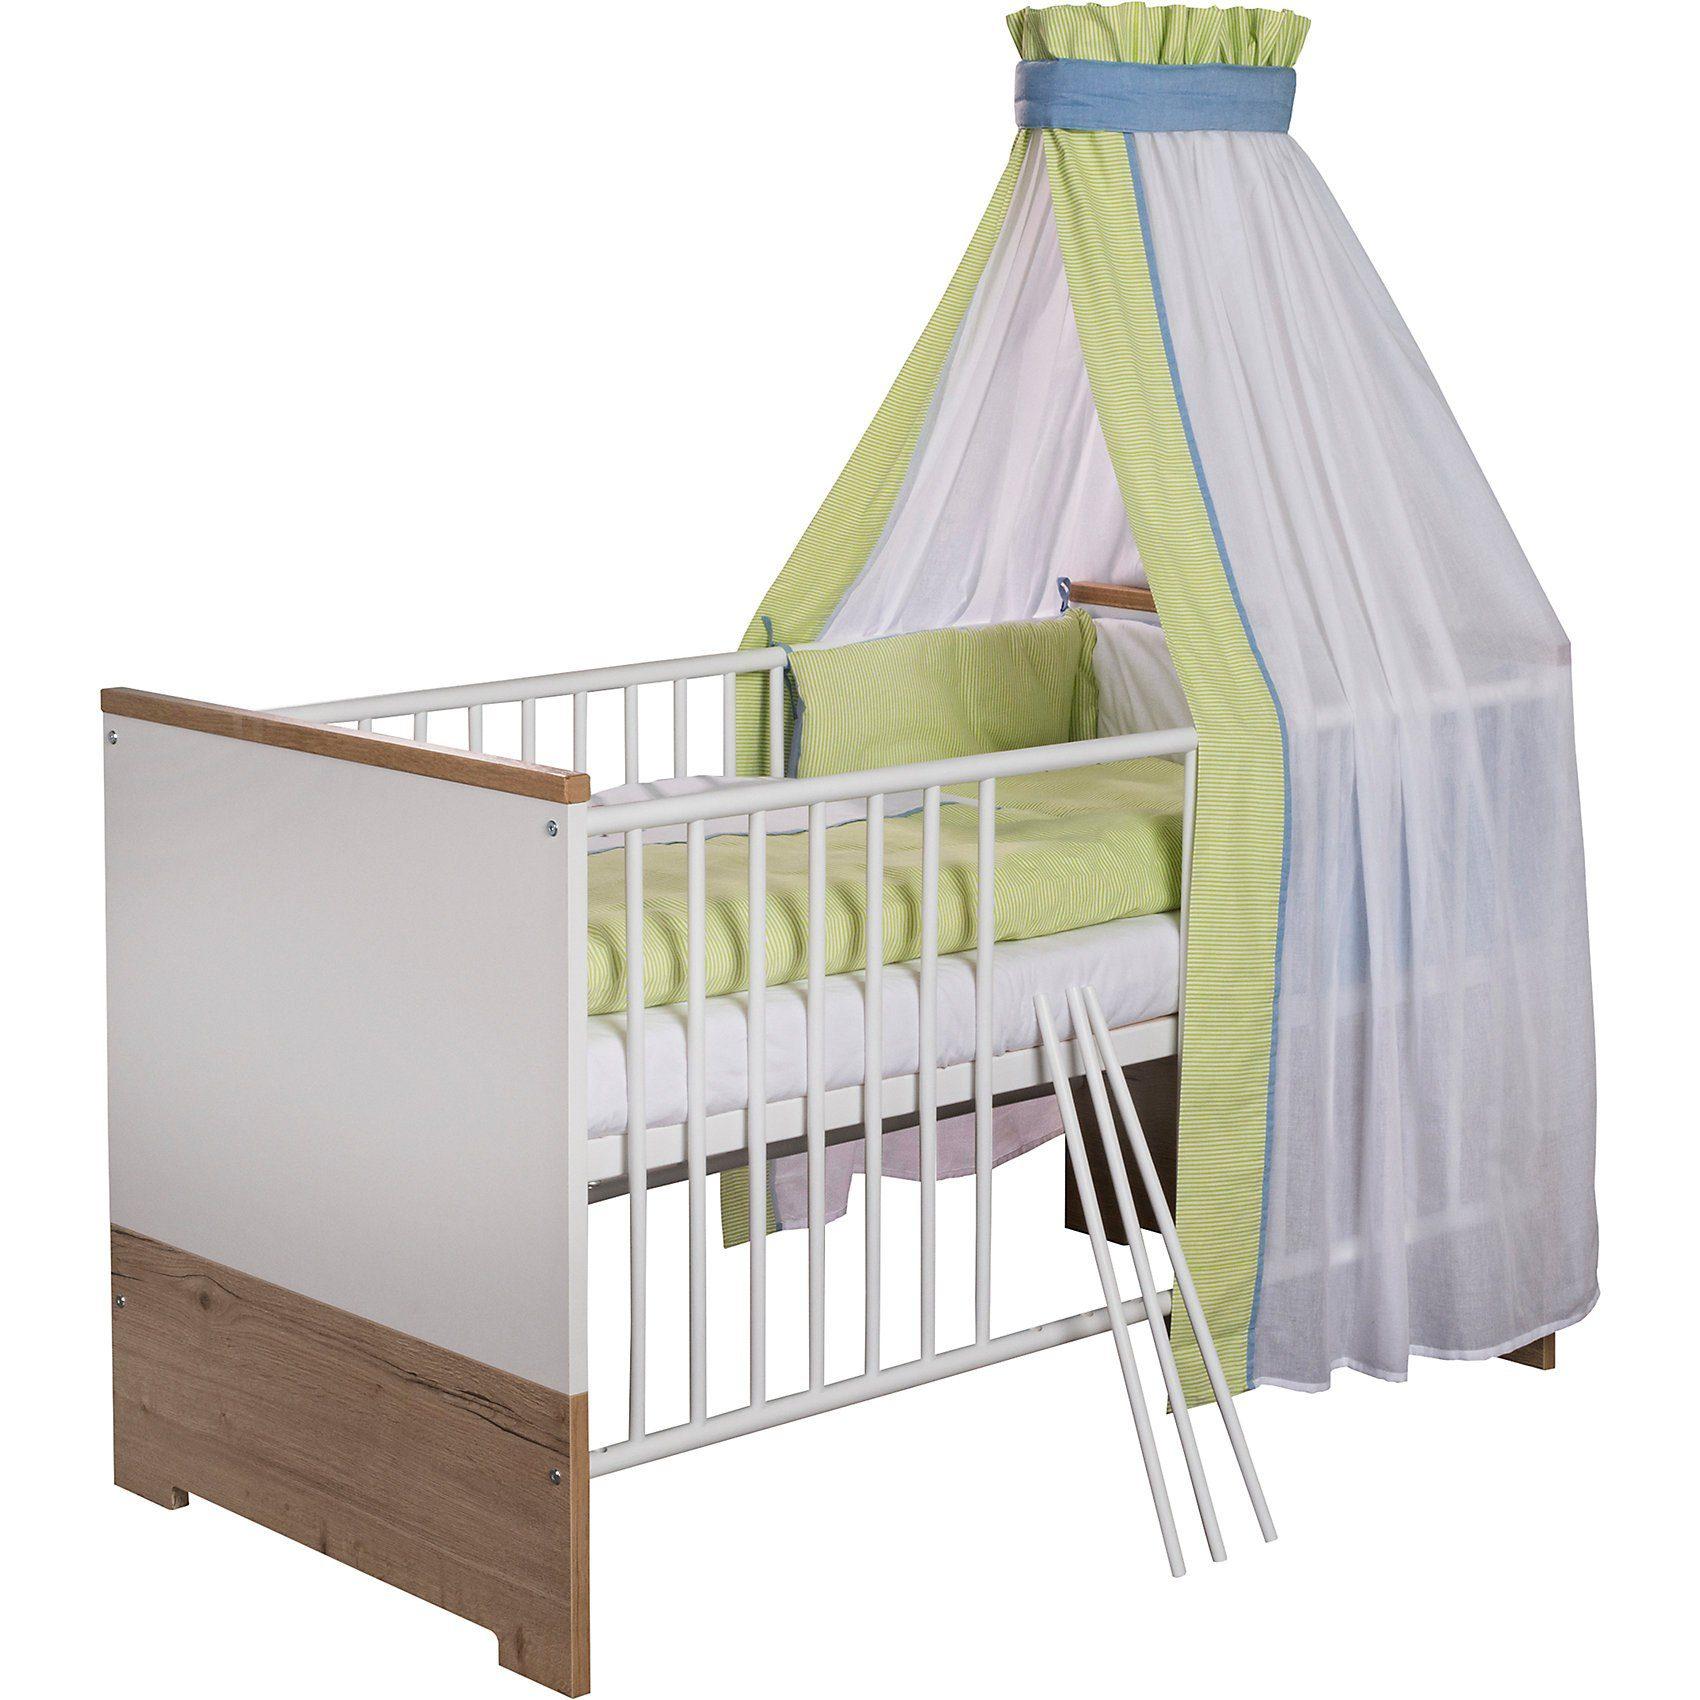 Schardt Kinderbett Eco Plus, 70x140 cm, weiß/Halifax Eiche